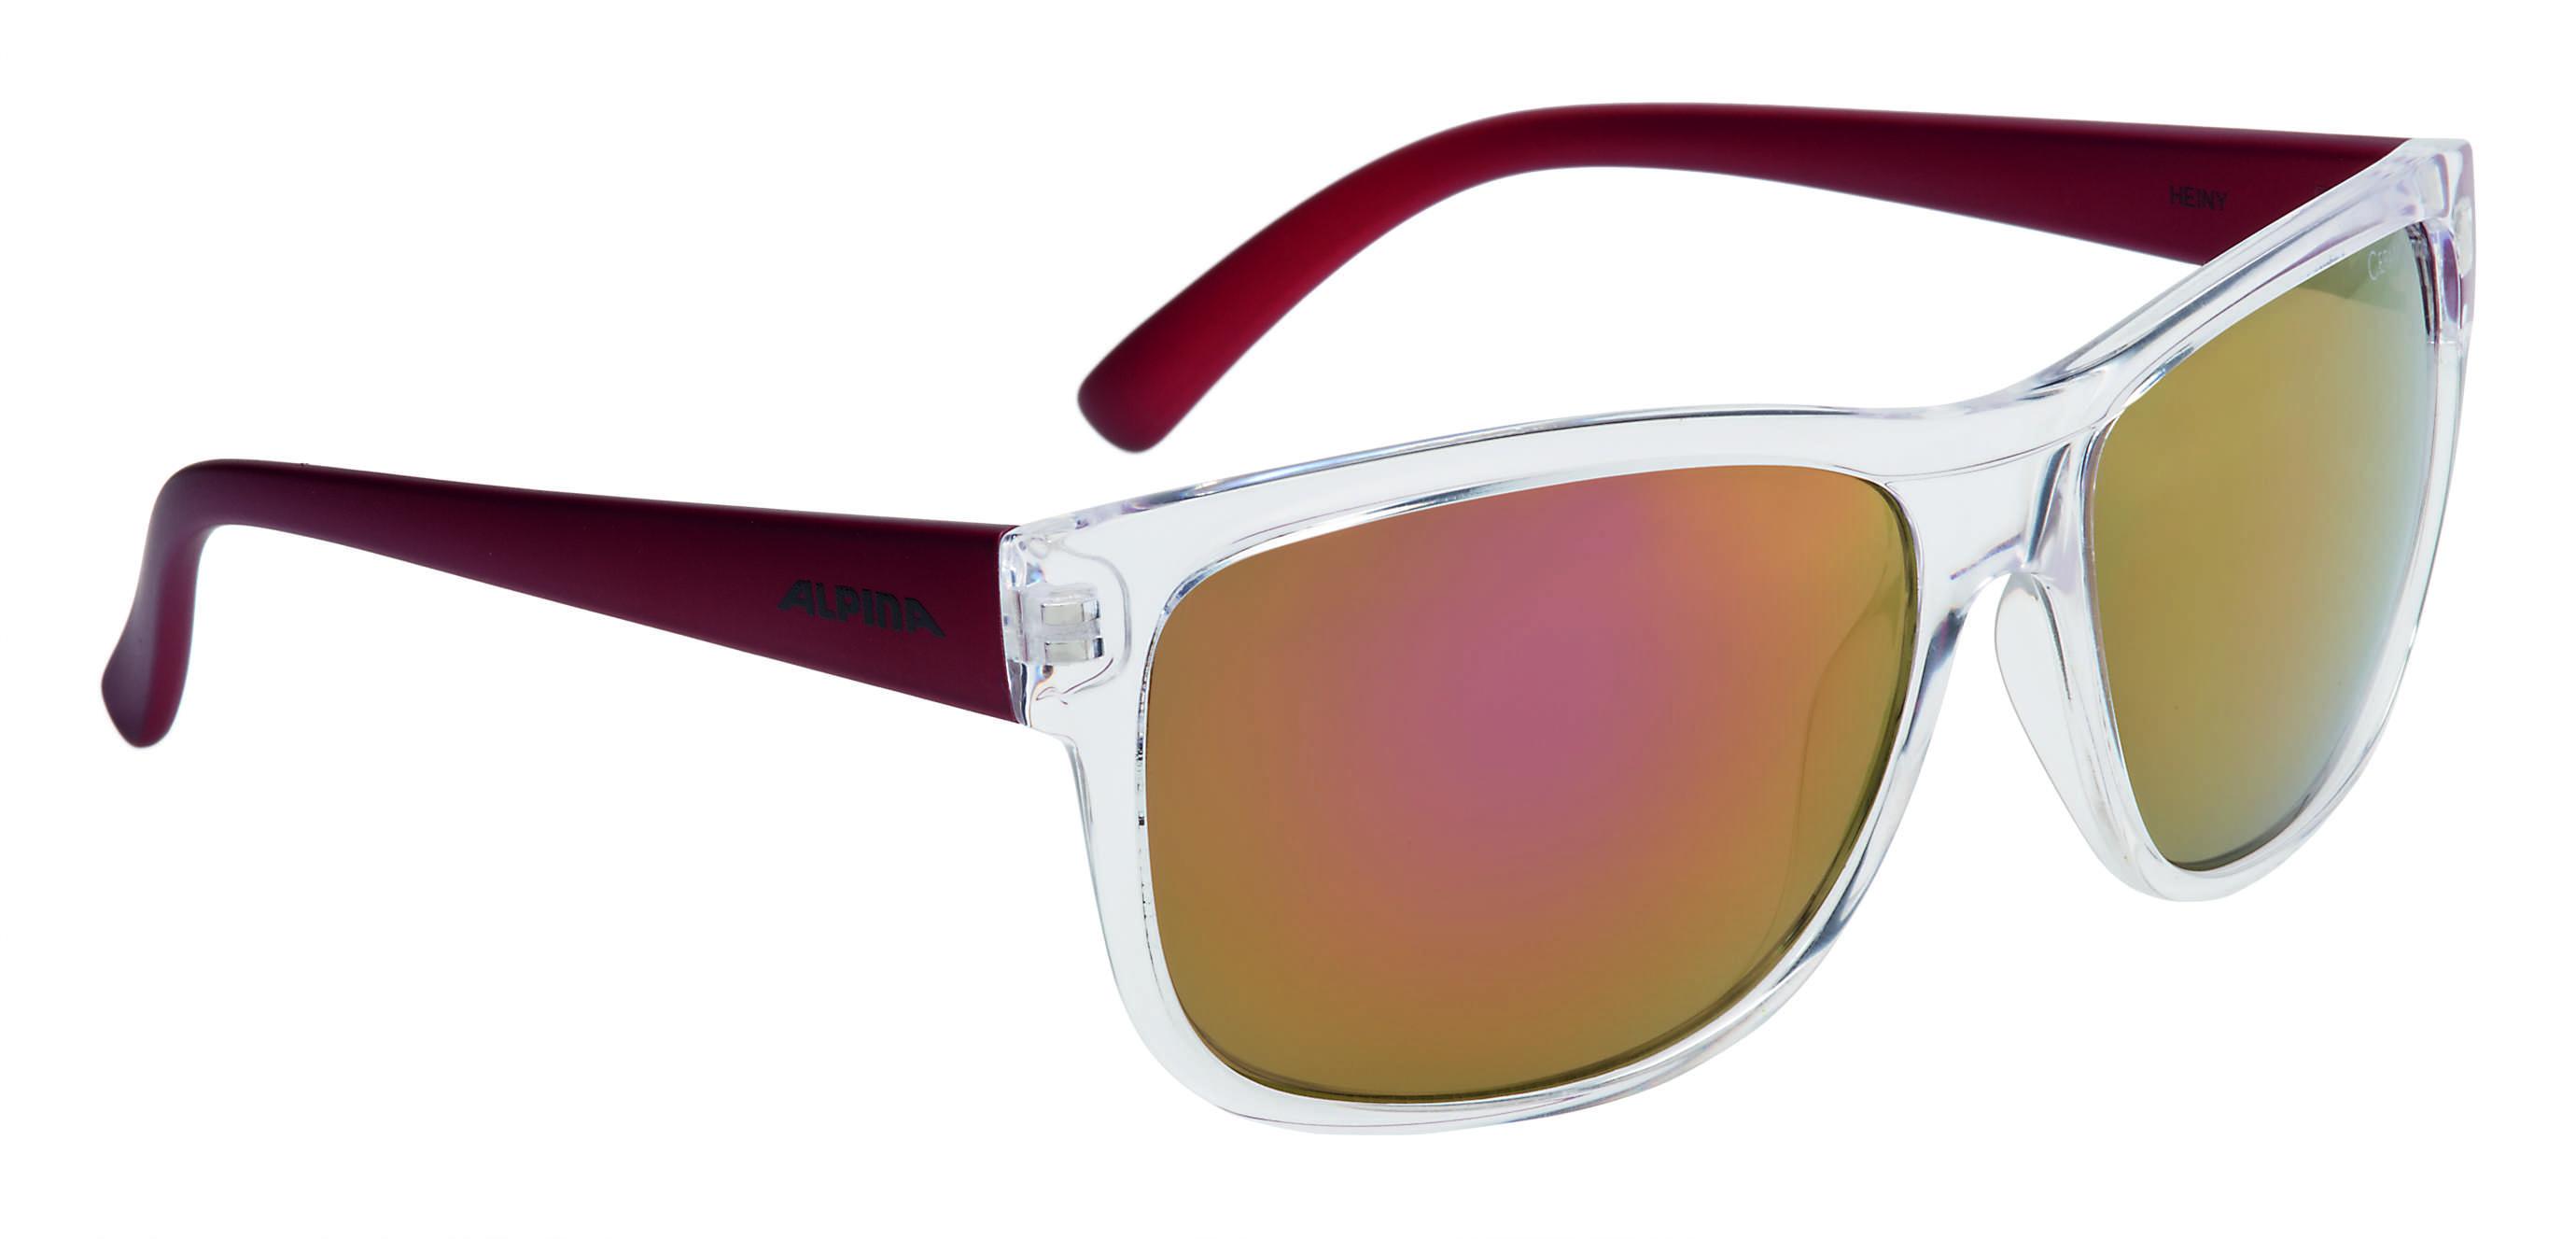 Купить Очки солнцезащитные Alpina SPORT STYLE HEINY transparent-red, солнцезащитные, 1180625